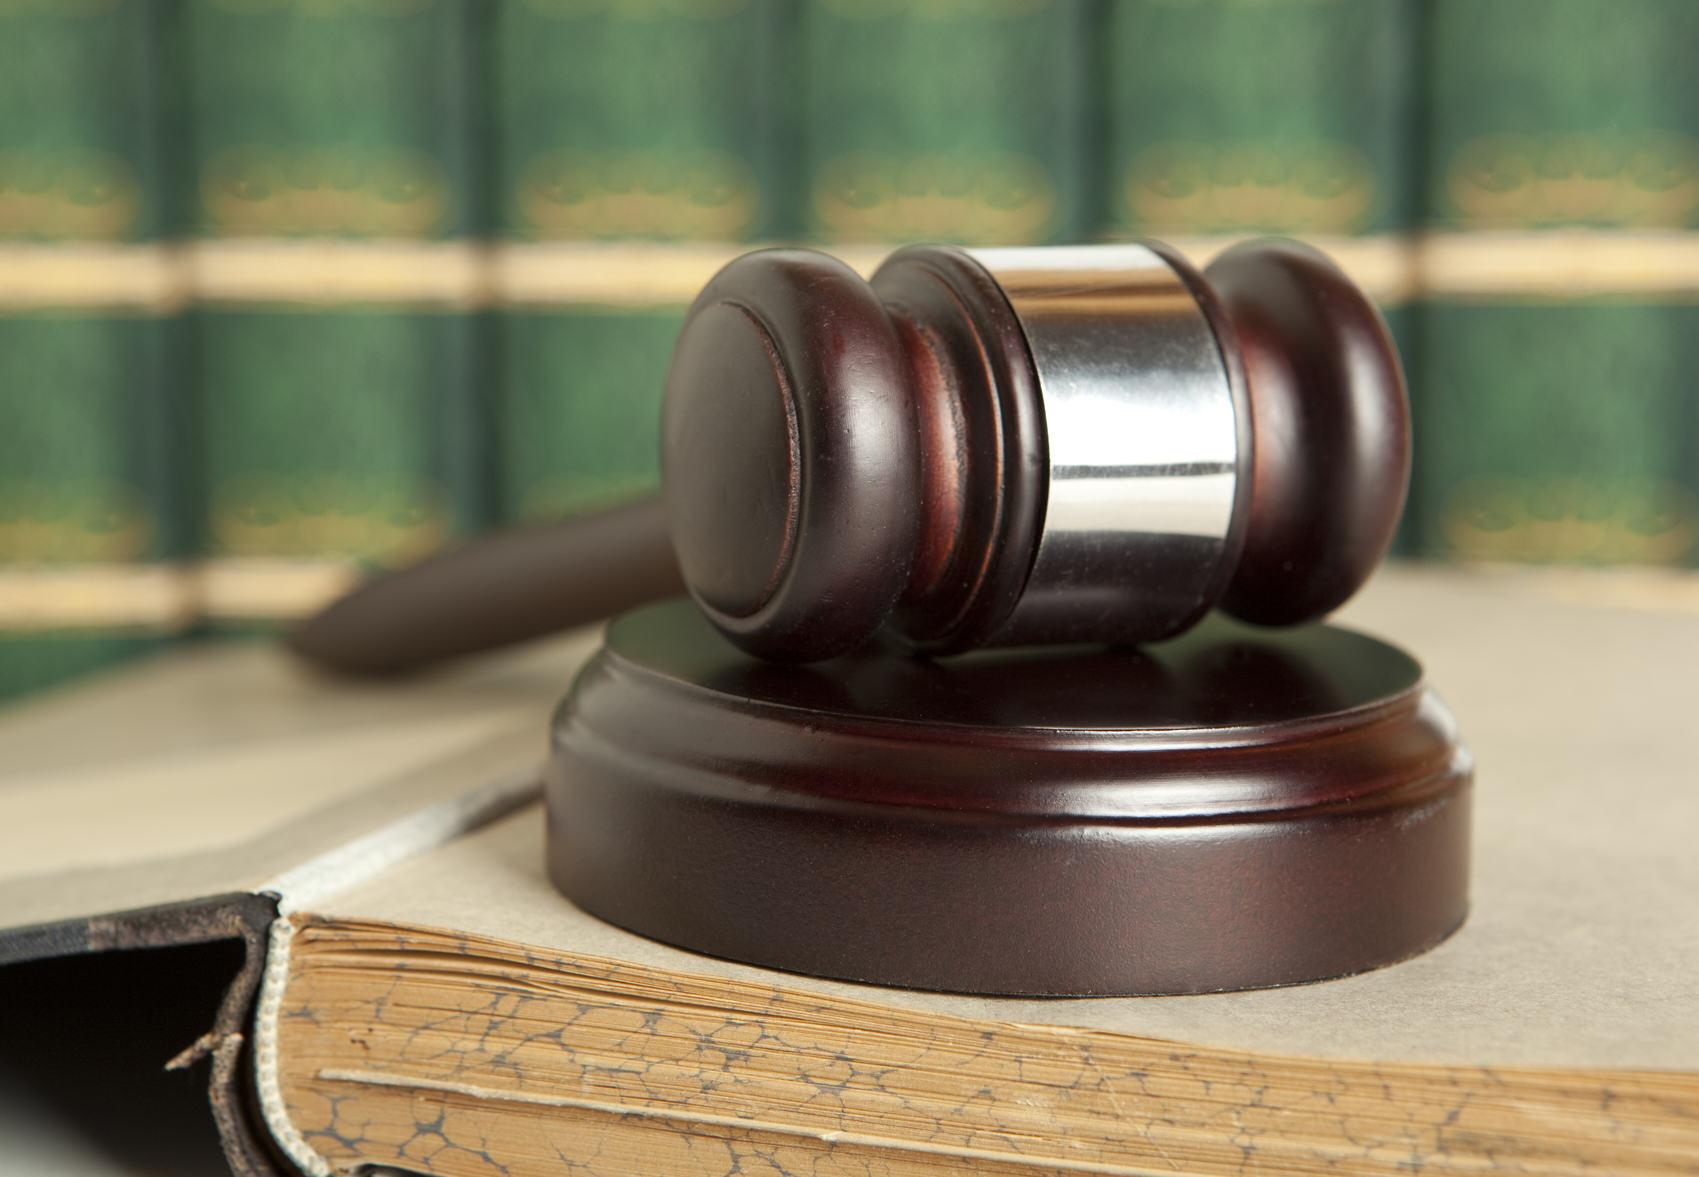 5 lutego pierwsze czytanie rządowego projektu ustawy o prawach konsumenta